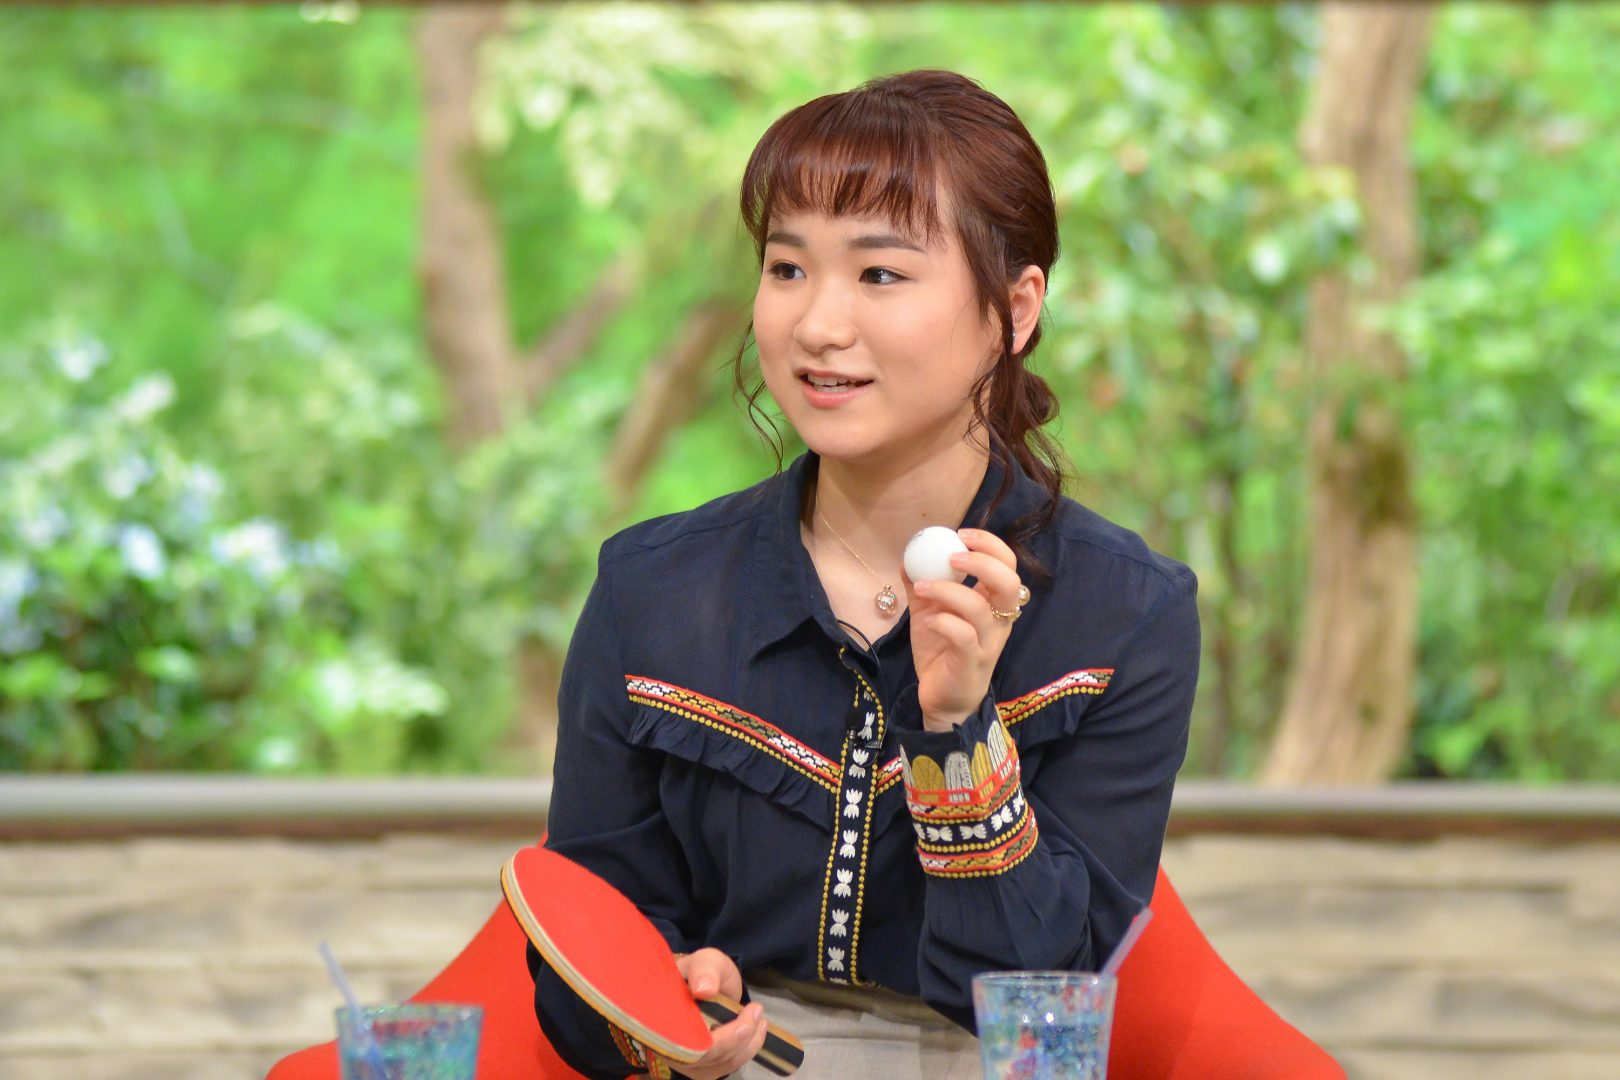 【卓球】伊藤美誠が6月1日の『サワコの朝』に出演へ 東京五輪への思いを語る